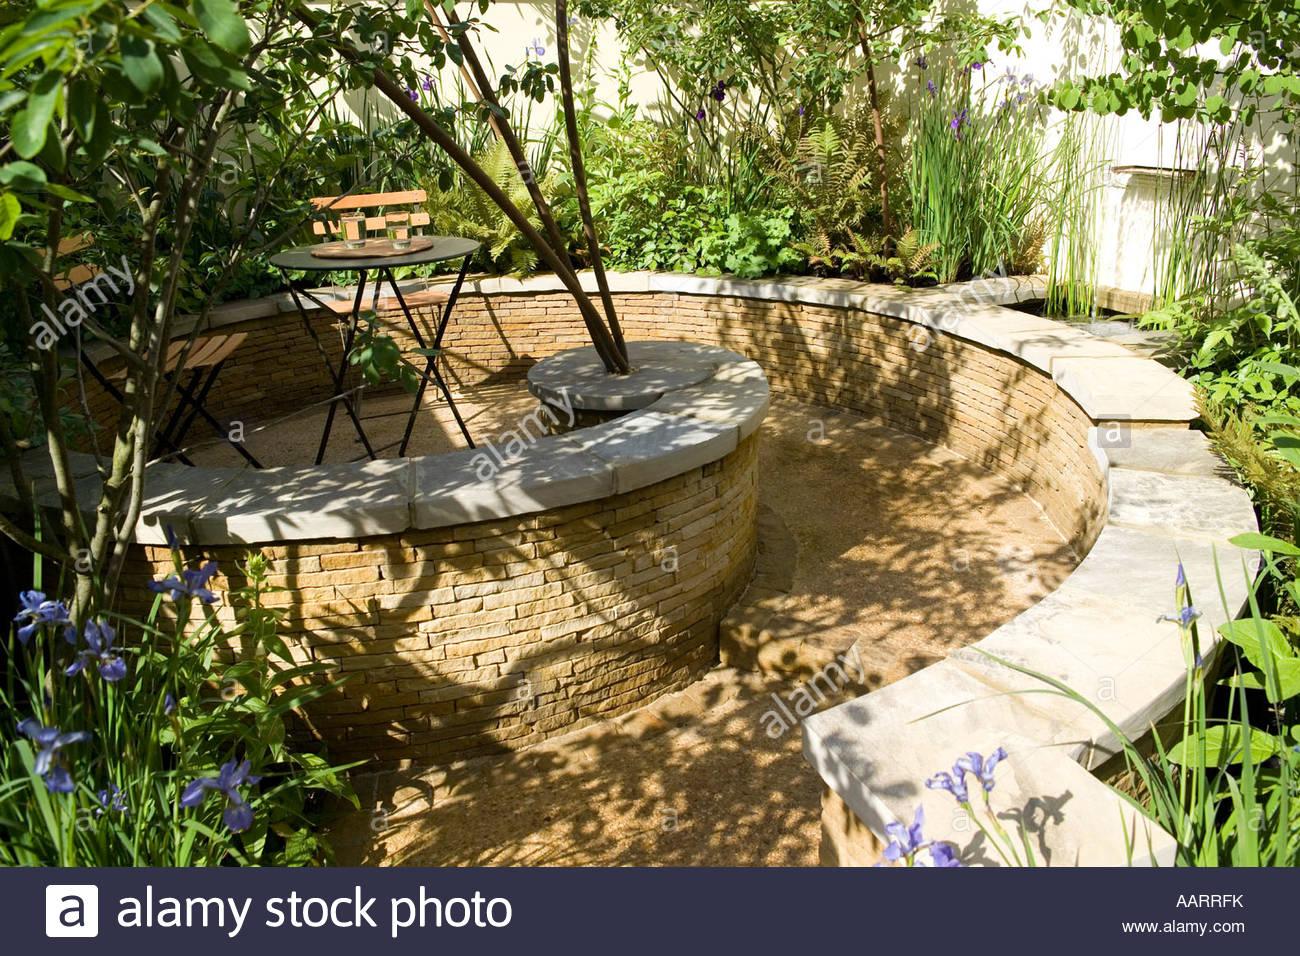 A City Haven Design by Harpak Best City Garden Gold Medal Harpak ...